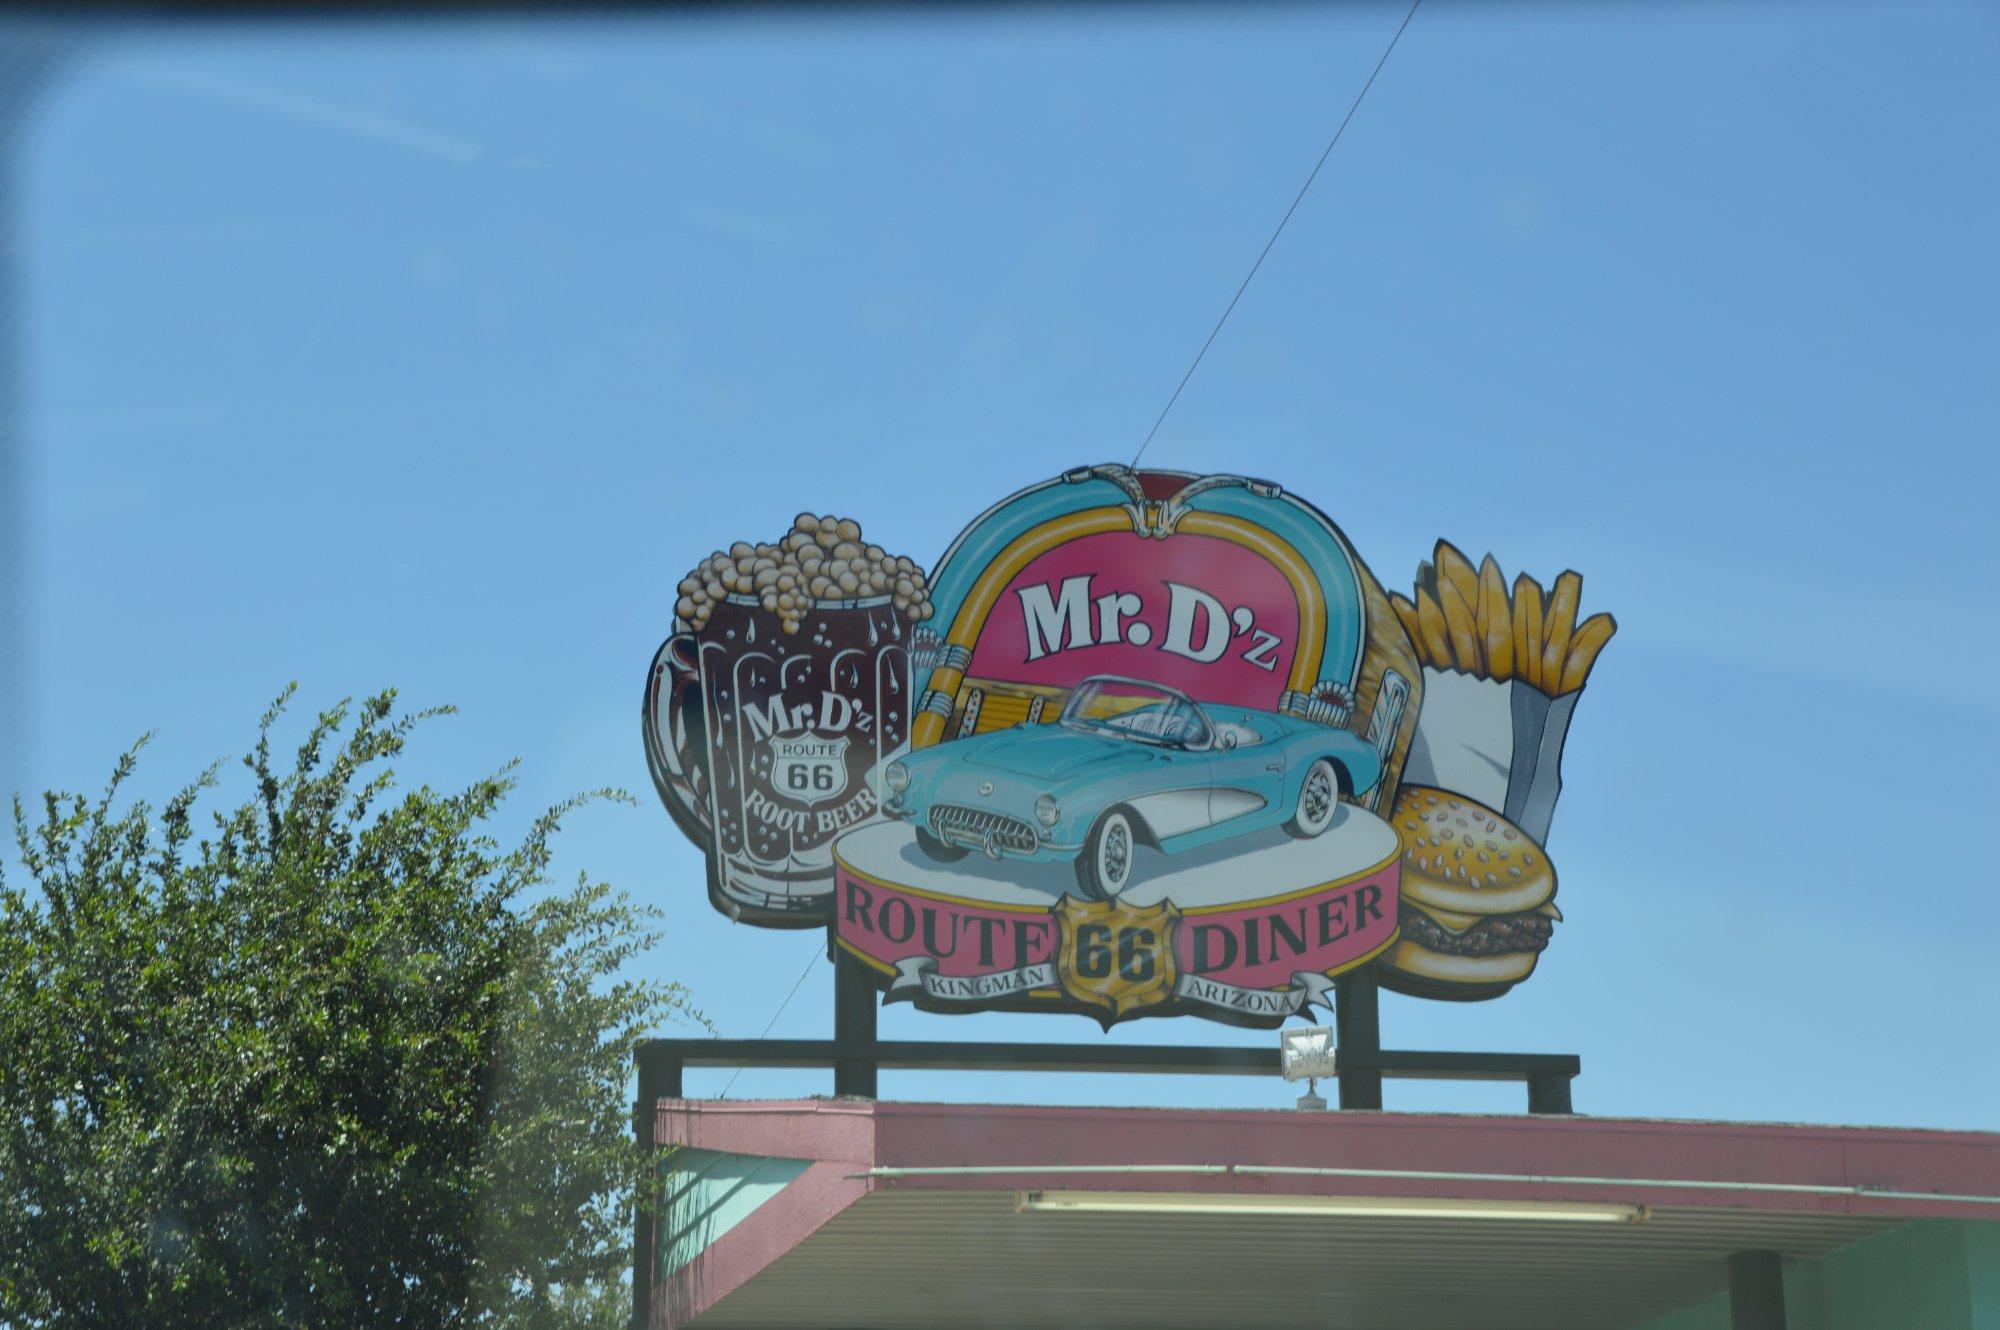 Mr.D'z Route 66 Diner Kingman Arizona